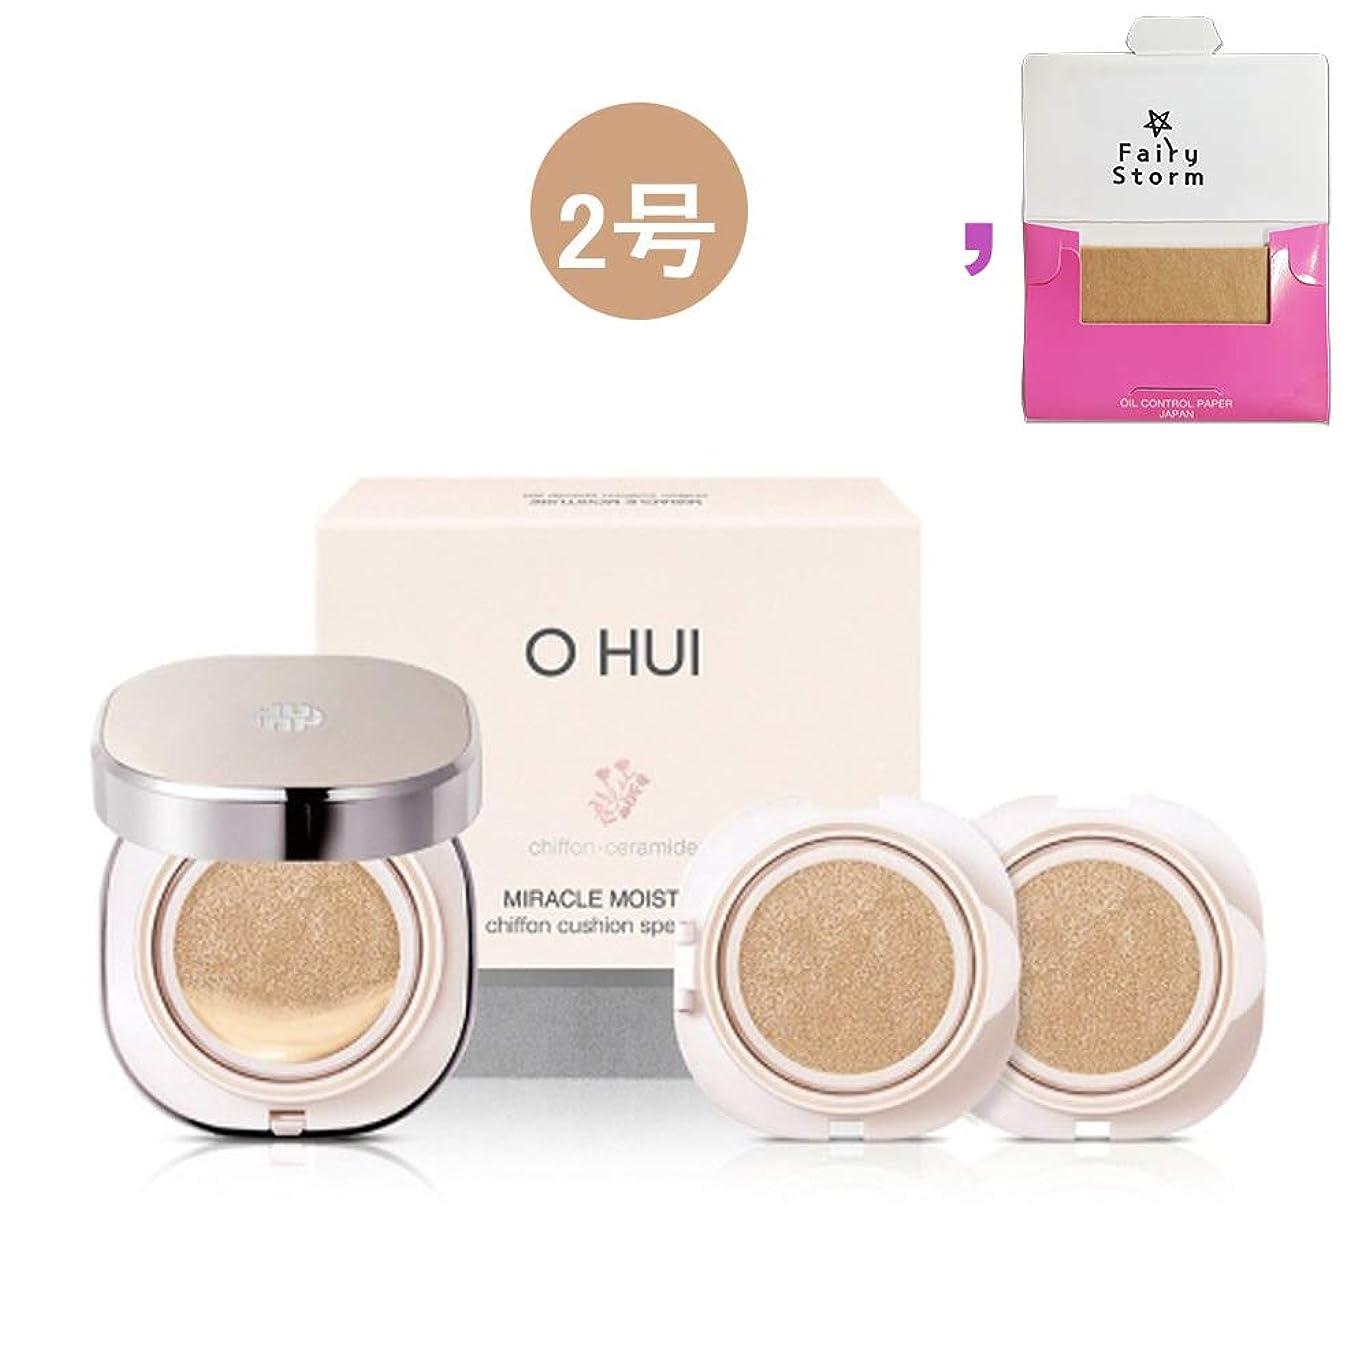 プレビュー有料アッパー[オフィ/ O HUI]韓国化粧品 LG生活健康/ohui Miracle Moisture shiffon cushion/ミラクル モイスチャーシフォンクッ ション + [Sample Gift](海外直送品) (2号)